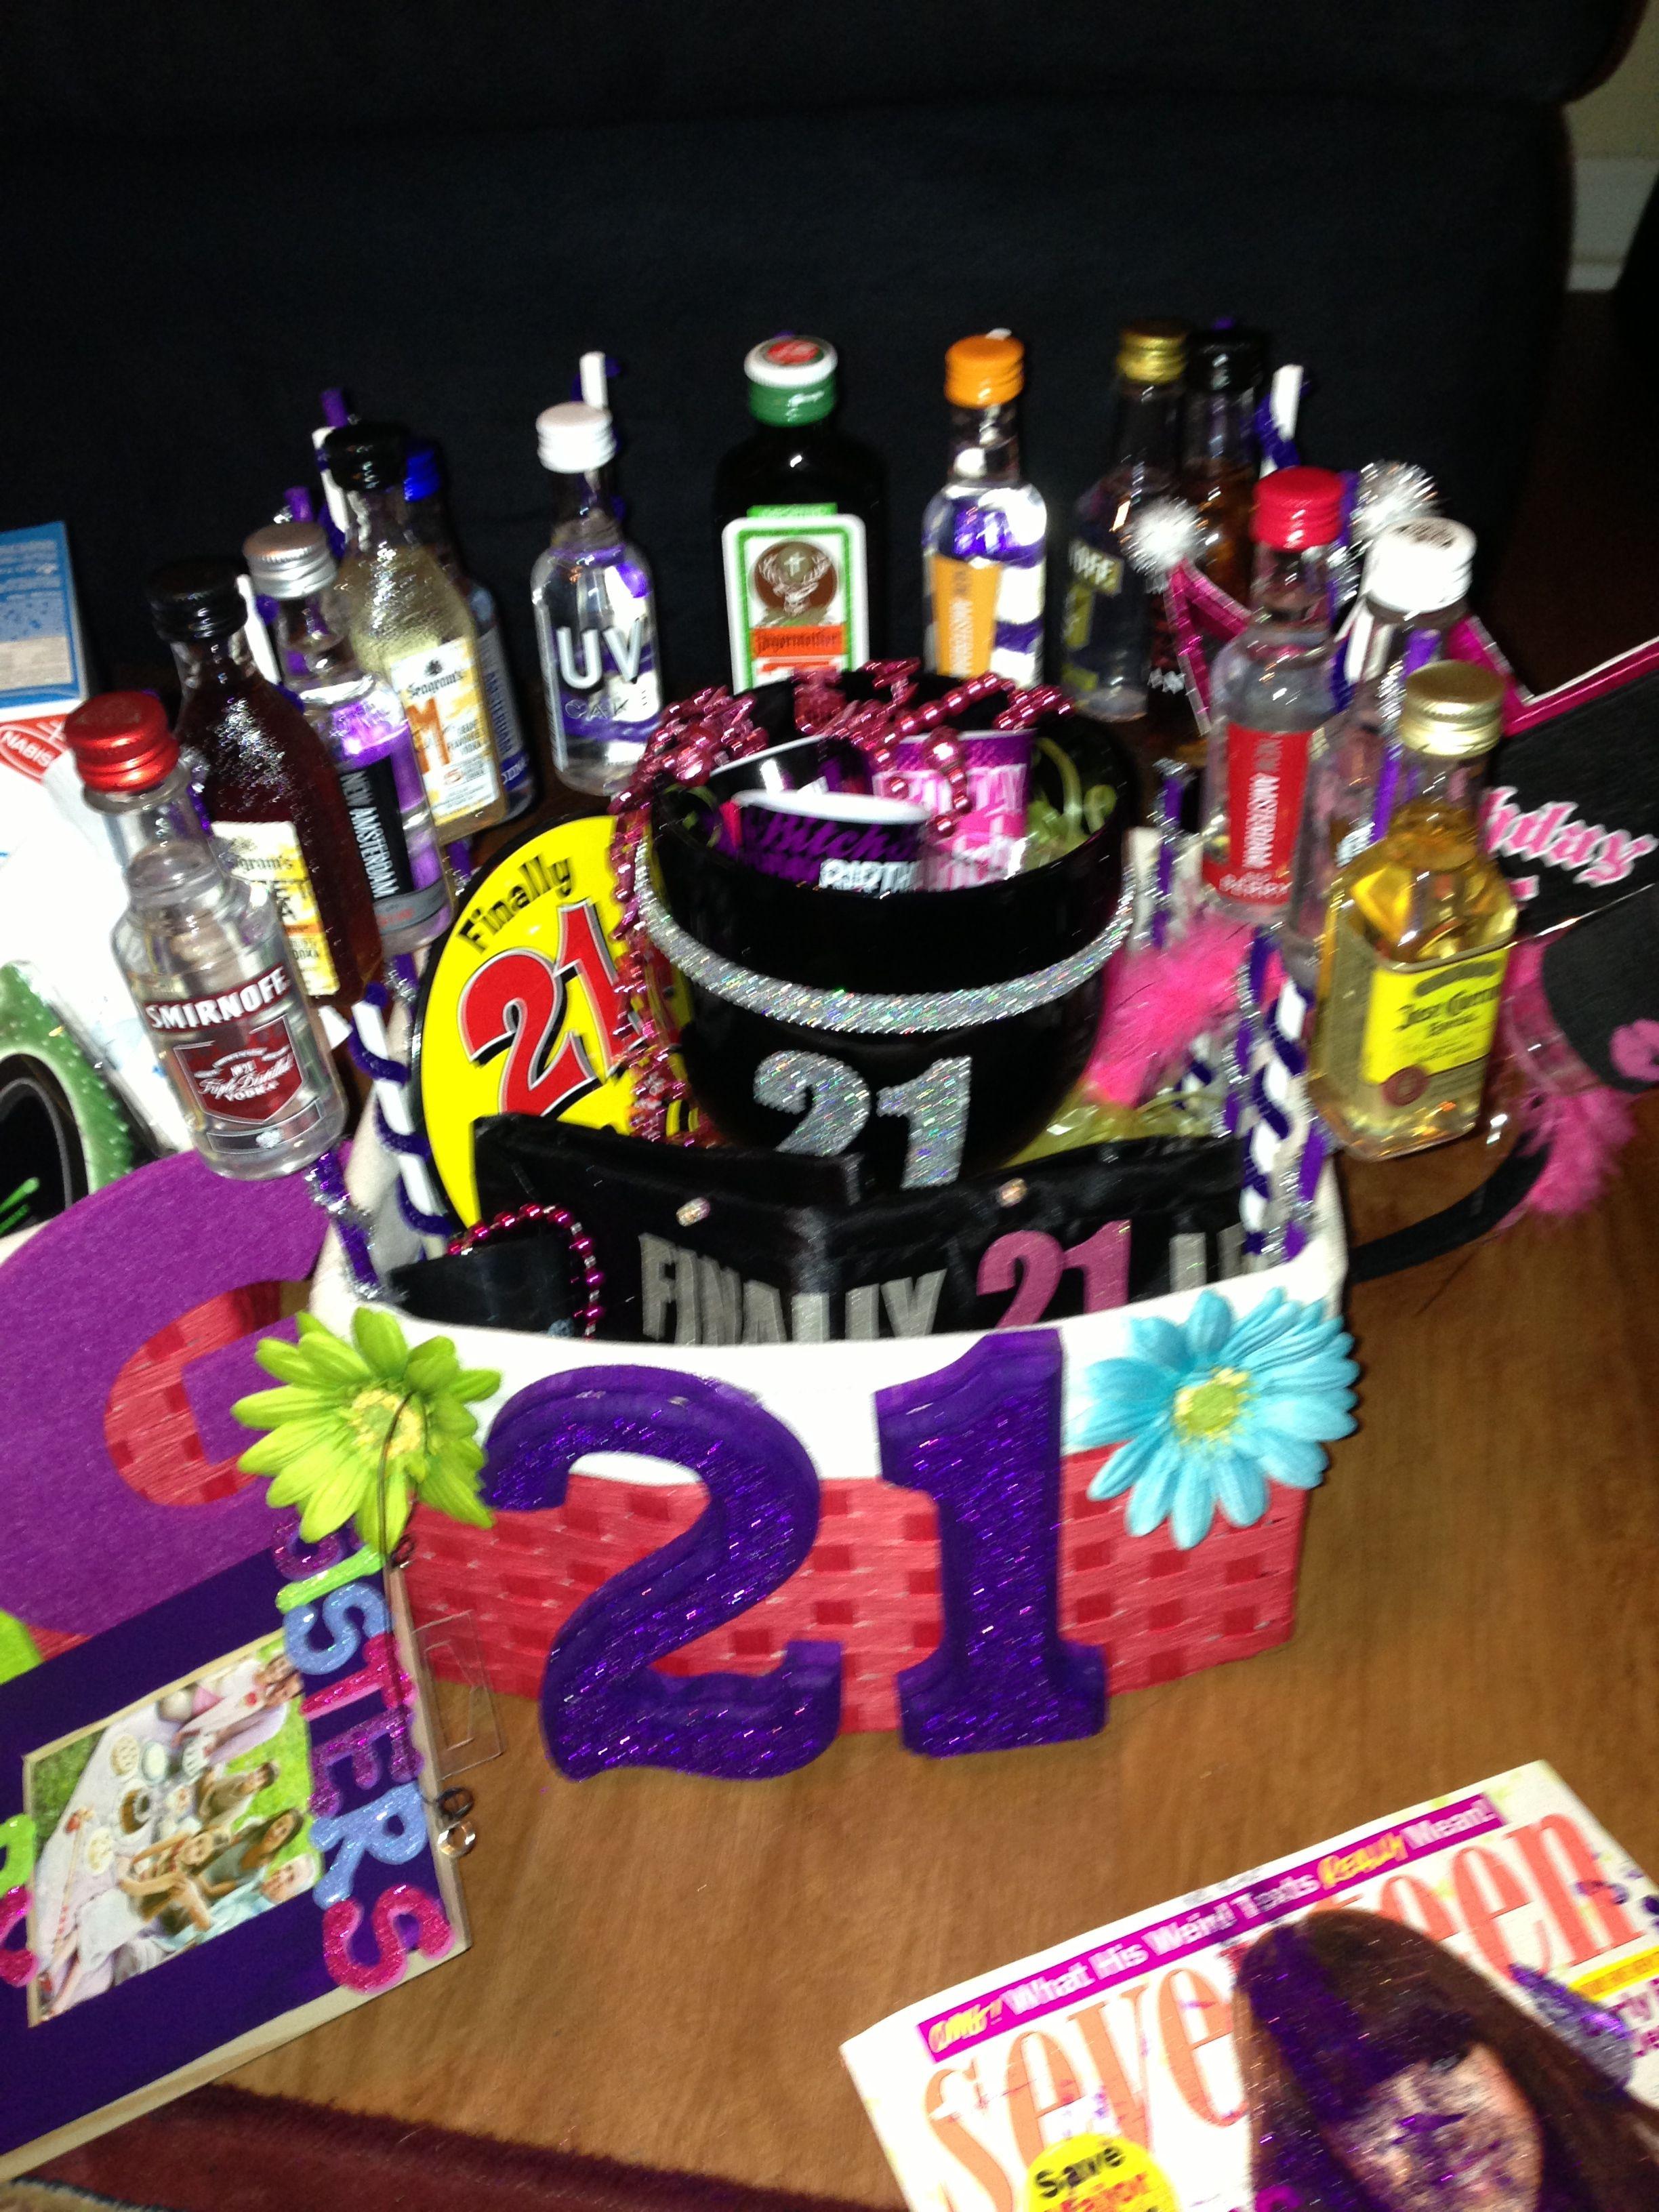 21 birthday basket i made for my big 21st birthday